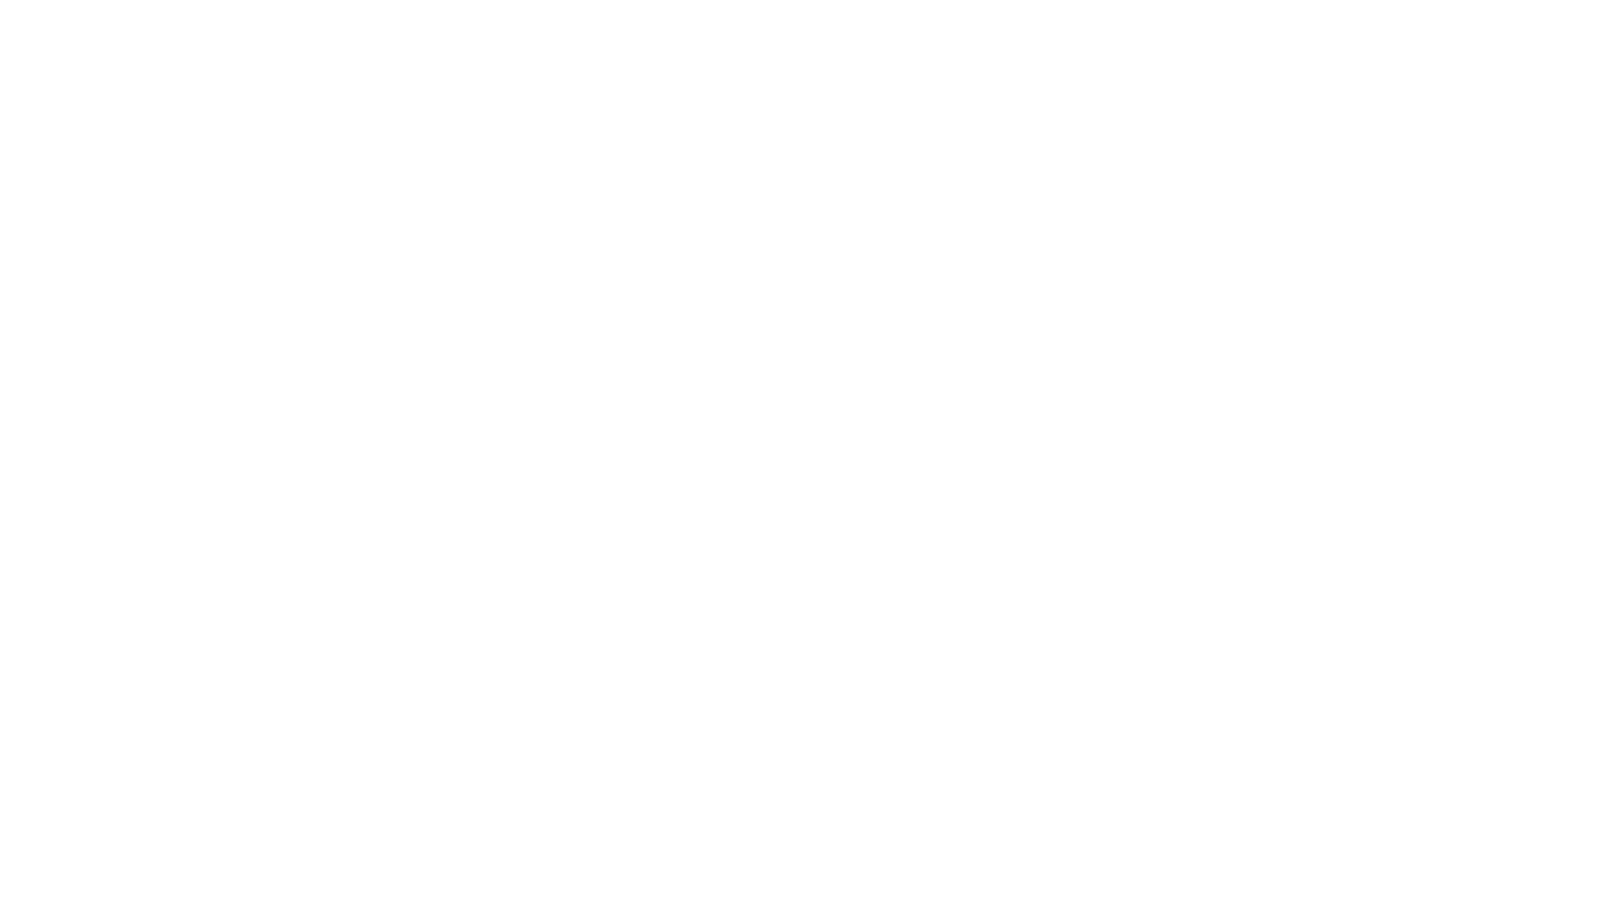 El deseo de ser madre o padre puede llevarnos por caminos que hace unos años no podríamos habernos imaginado. Hoy, gracias a distintos avances de las ciencias, hay varias alternativas para intentar cumplir con ese sueño.   ¿Cómo se definiría a la #maternidad #subrogada y qué pasa en nuestro país con éstas prácticas?  ¿Hay distintas técnicas y tipos? ¿Qué diferencia existe entre #alquiler y #donación de #vientre? ¿Una amiga me puede prestar su viente? ¿Cómo se inscriben esos nacimientos? ¿Quiénes son los padres?   En nuestro #Conversatorio sobre #TusDerechos participó la abogada especialista en derecho internacional privado, Andrea Esparza, junto con nuestra Directora, Natalia Monti, quienes conversaron sobre la normativa actual y los casos más recientes sobre este tema.  ¡Muchas gracias Andrea por tu claridad!  Más info: www.derechos.com.ar